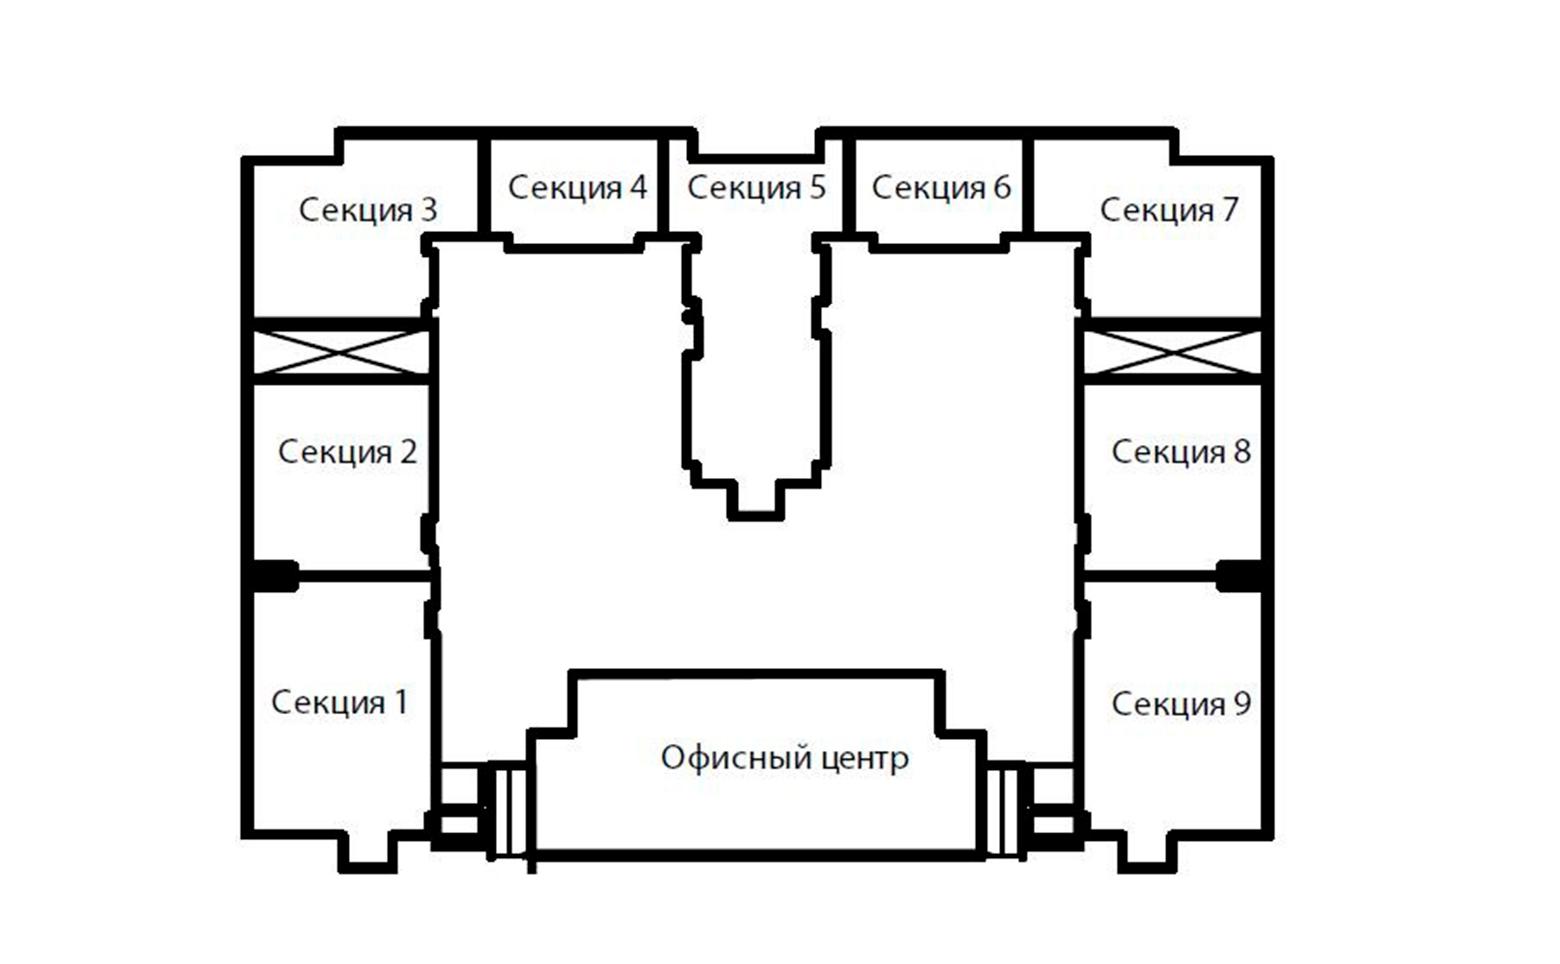 План жилого комплекса ЖК Морская звезда